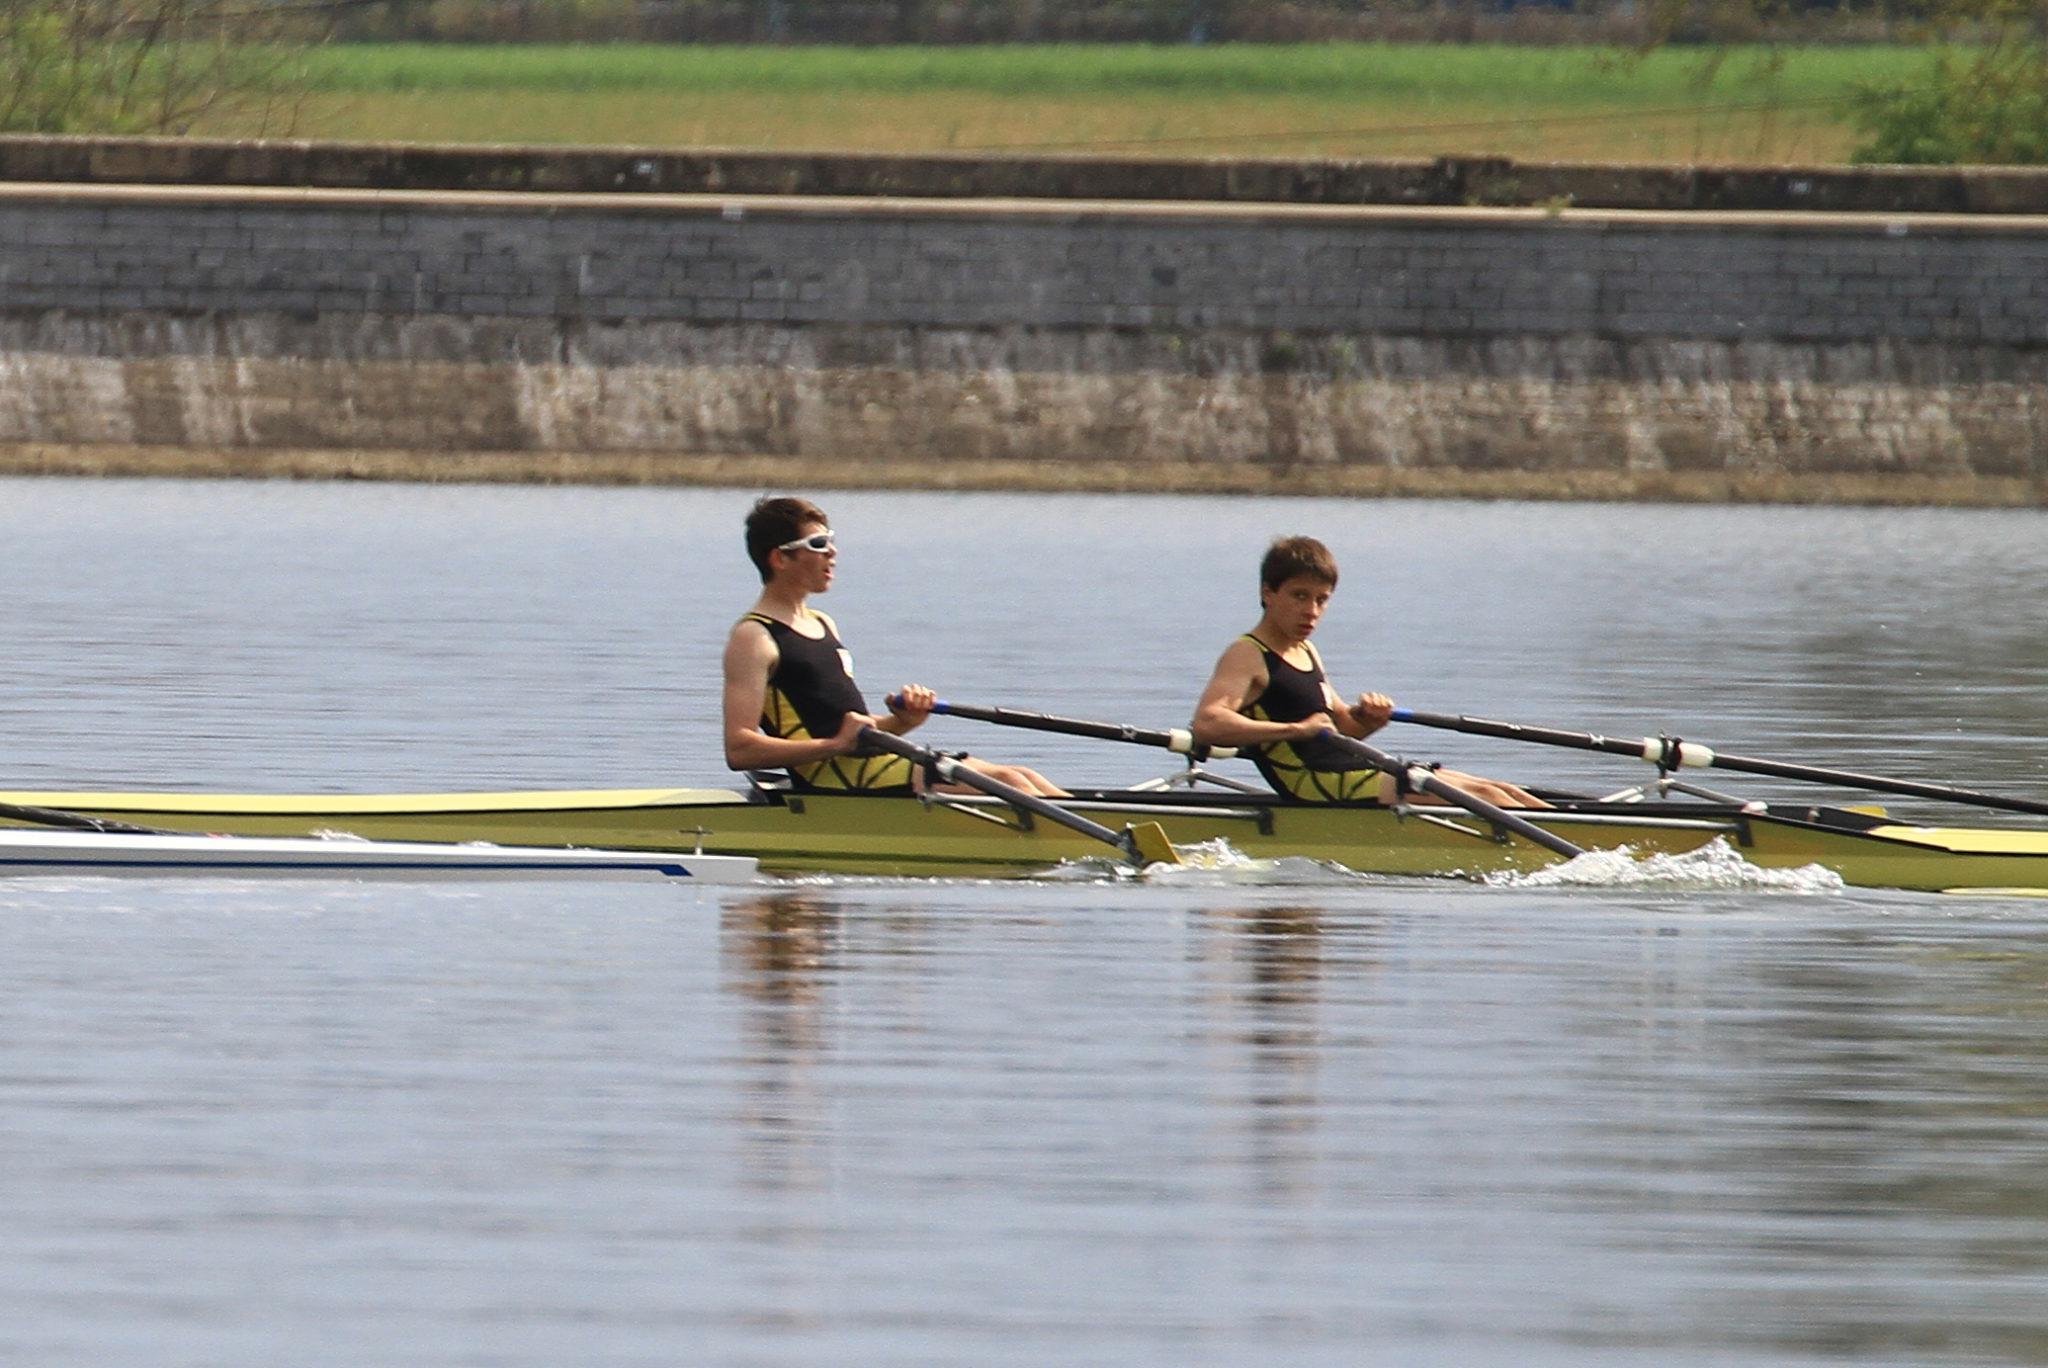 William et Julien sur la fin de course